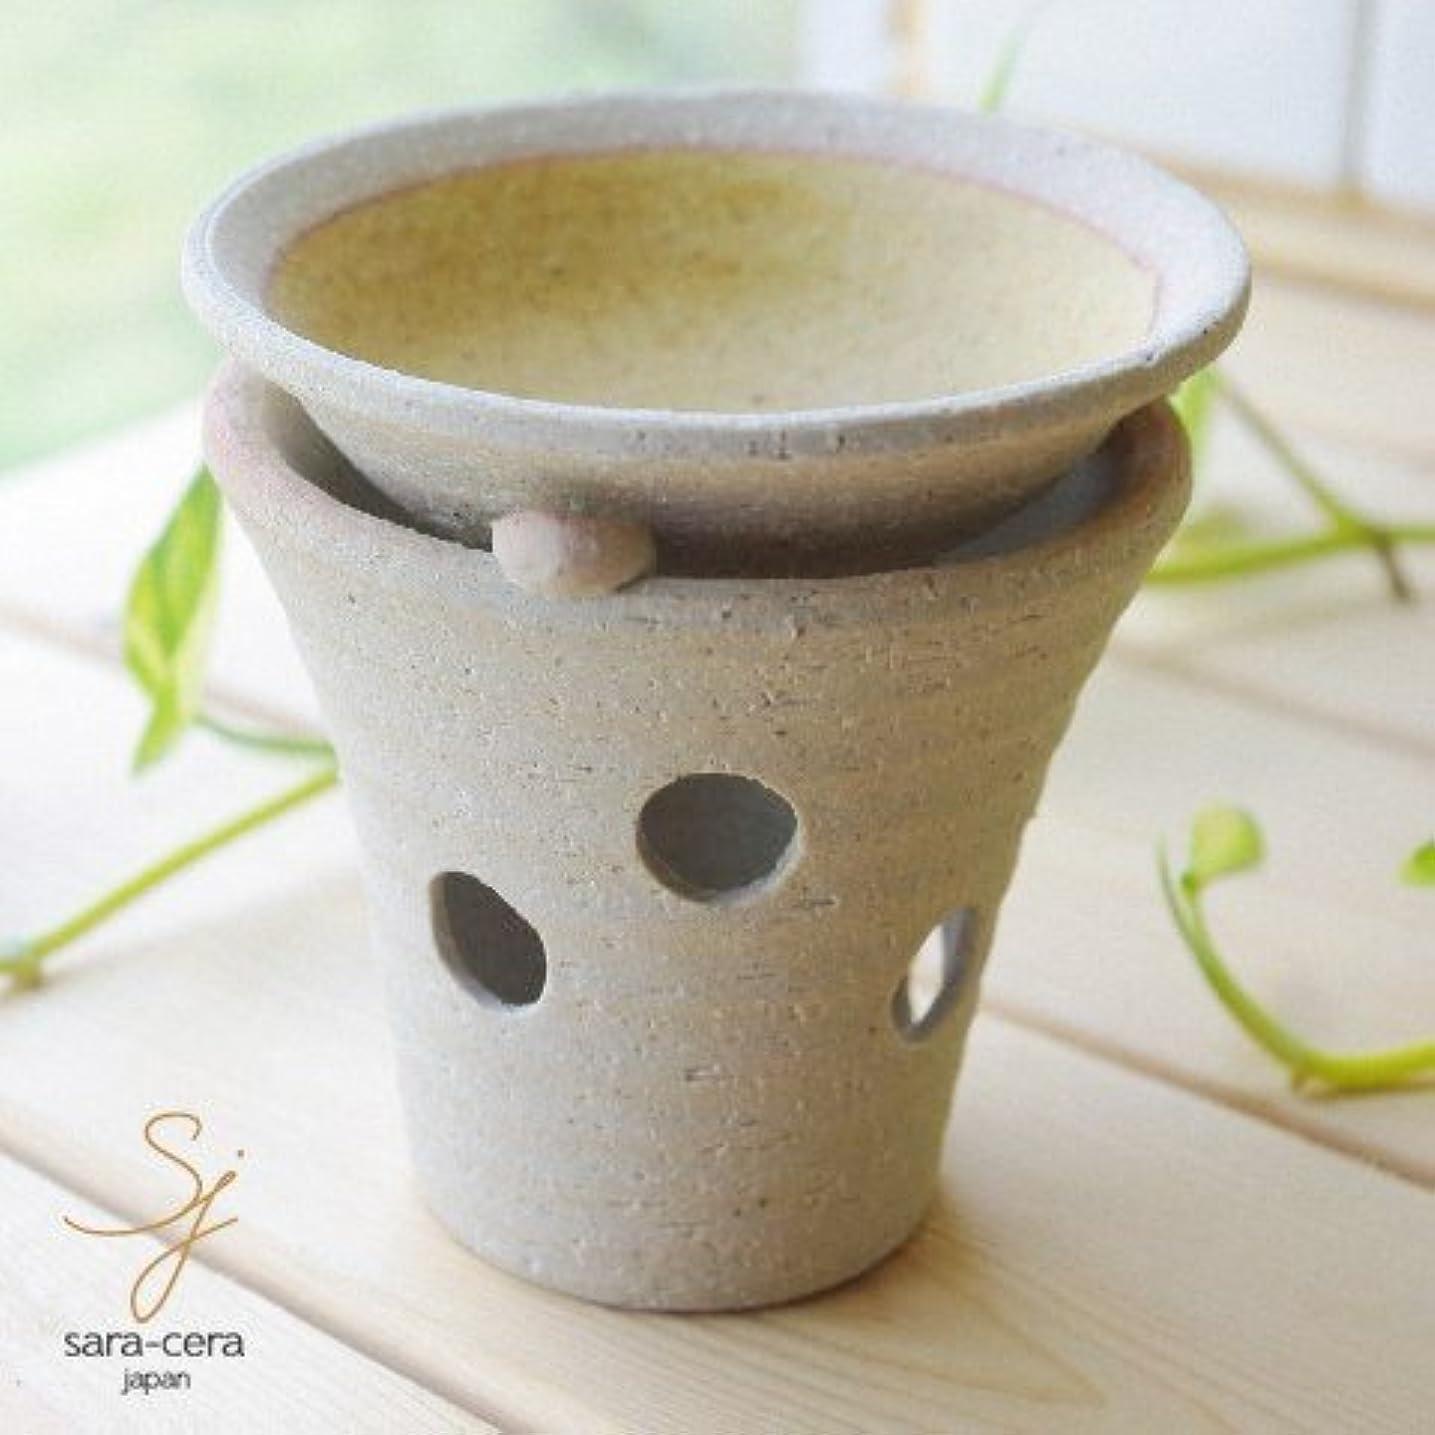 せっかち羊の無傷松助窯 手作り茶香炉セット 黄釉 イエロー アロマ 和食器 リビング